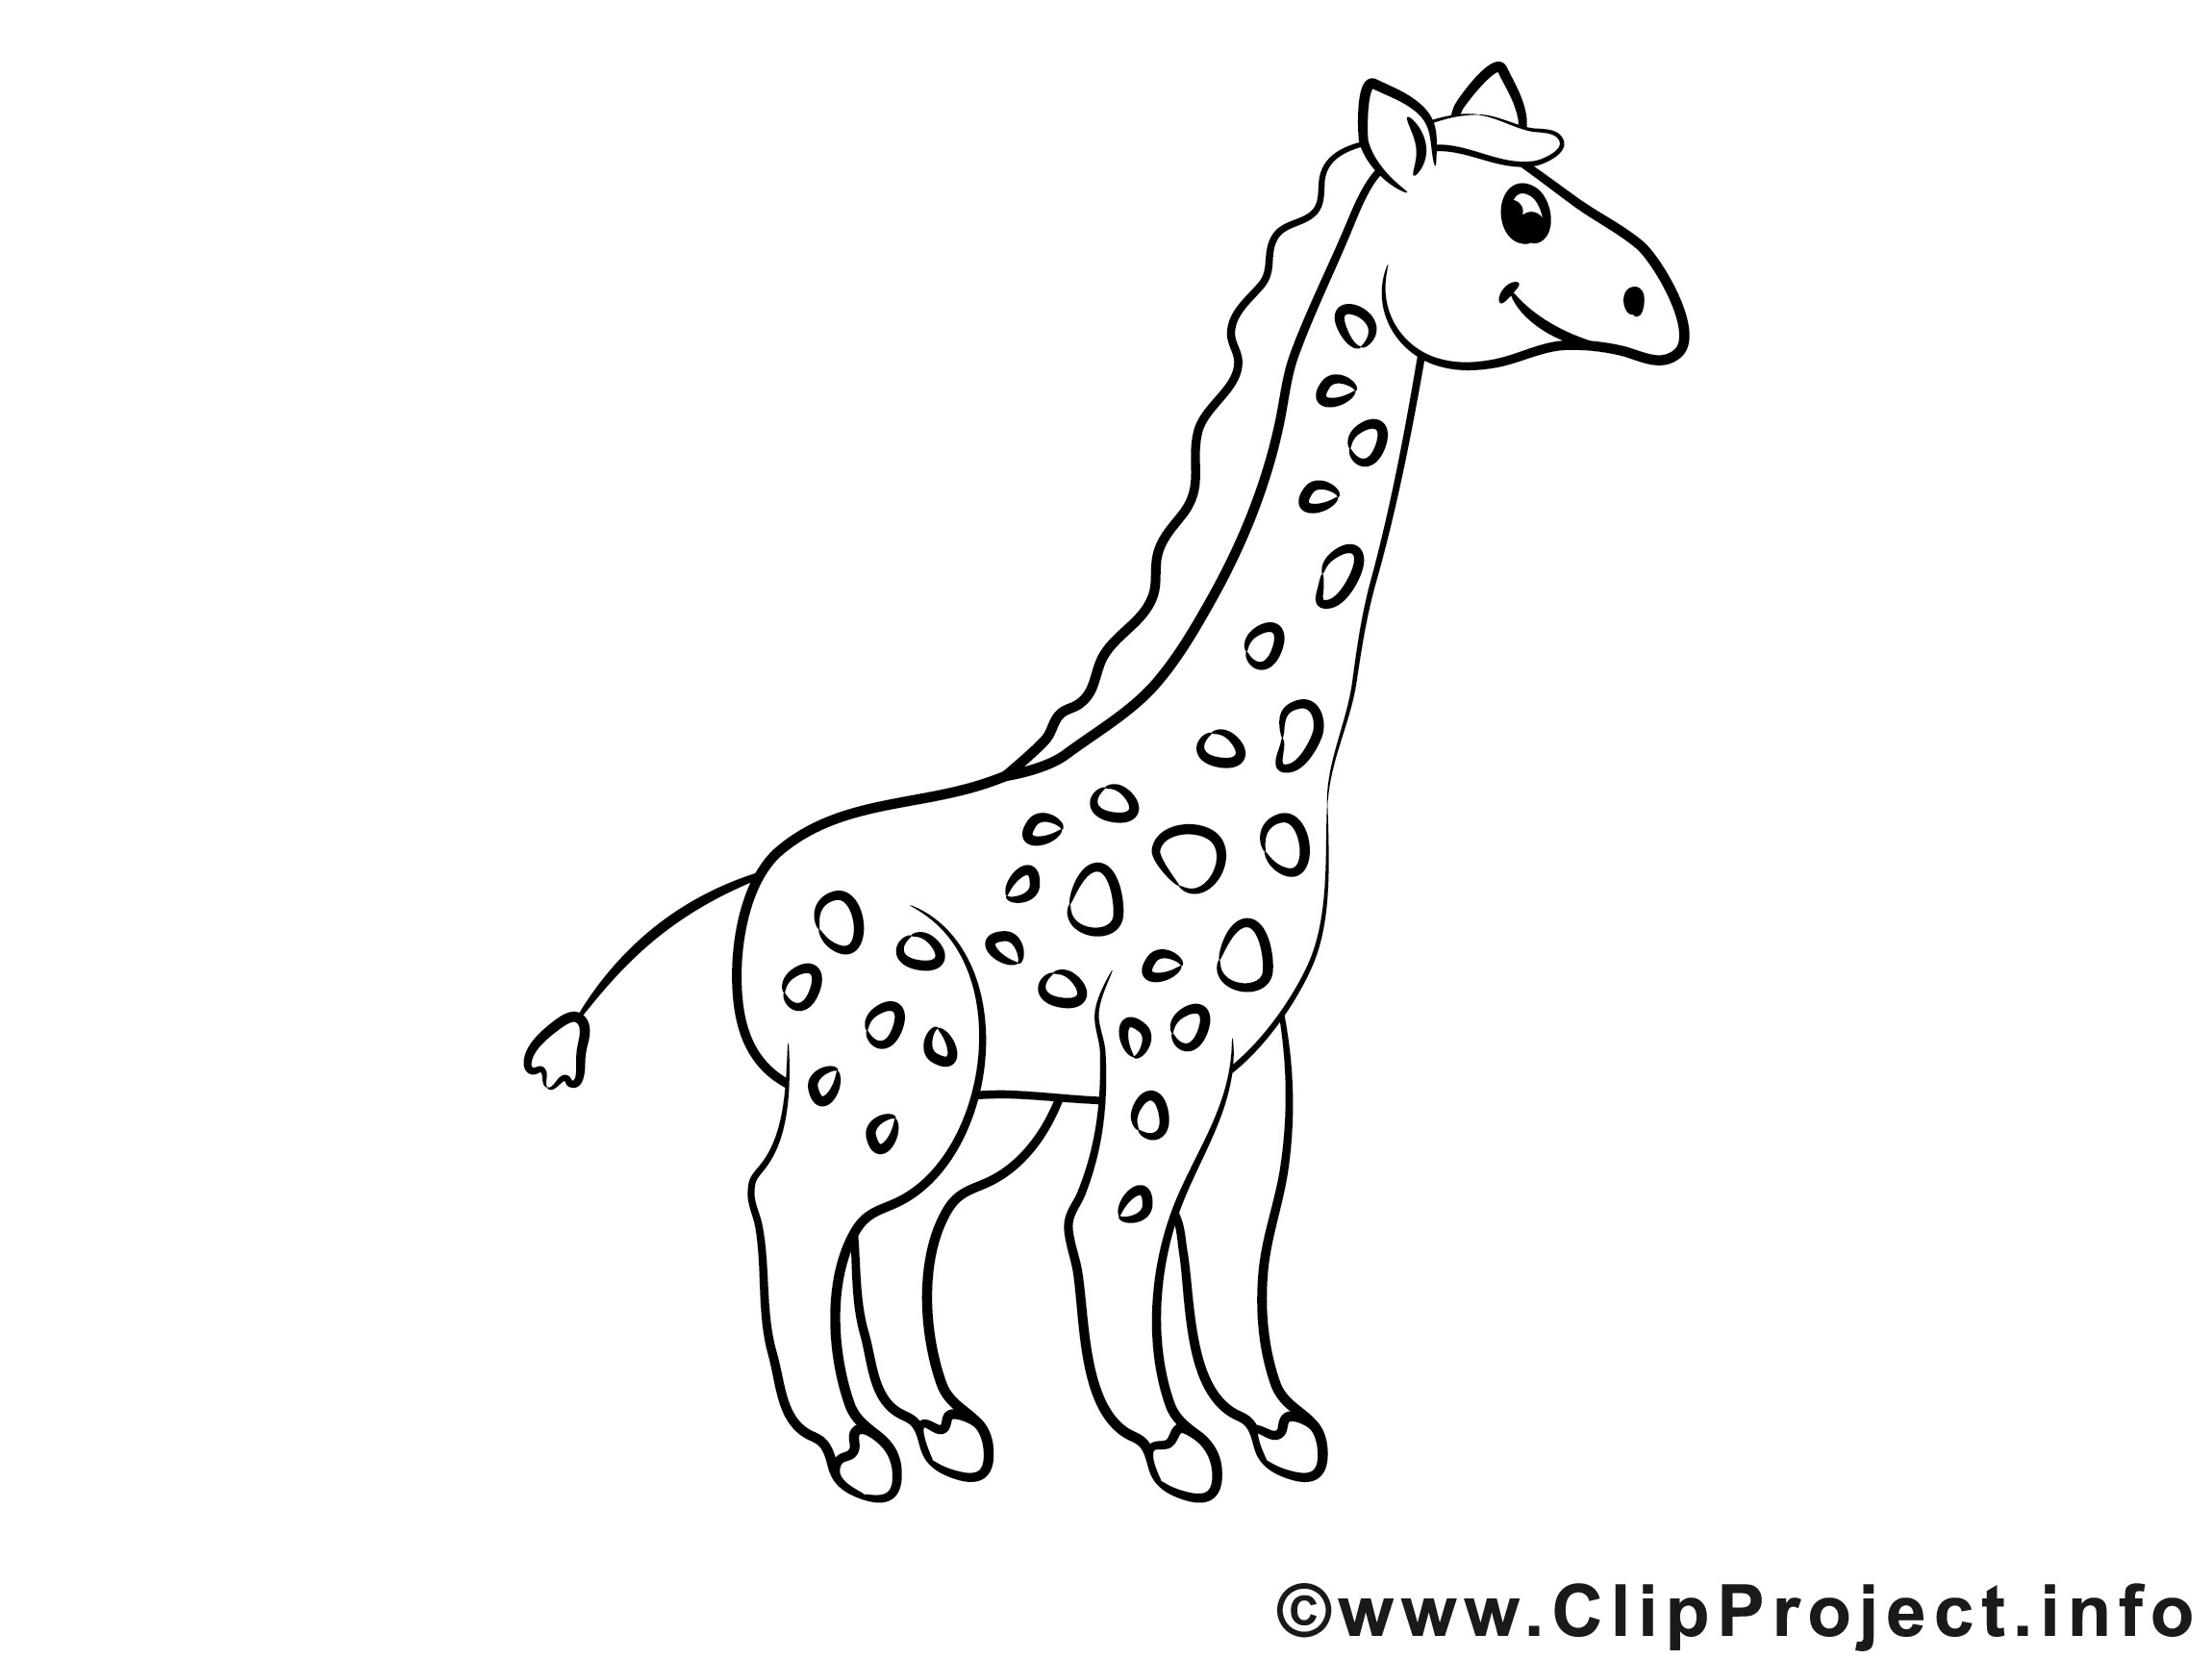 Giraffe Comic Malvorlagen  Giraffe Malvorlagen Kostenlos Zum Ausdrucken